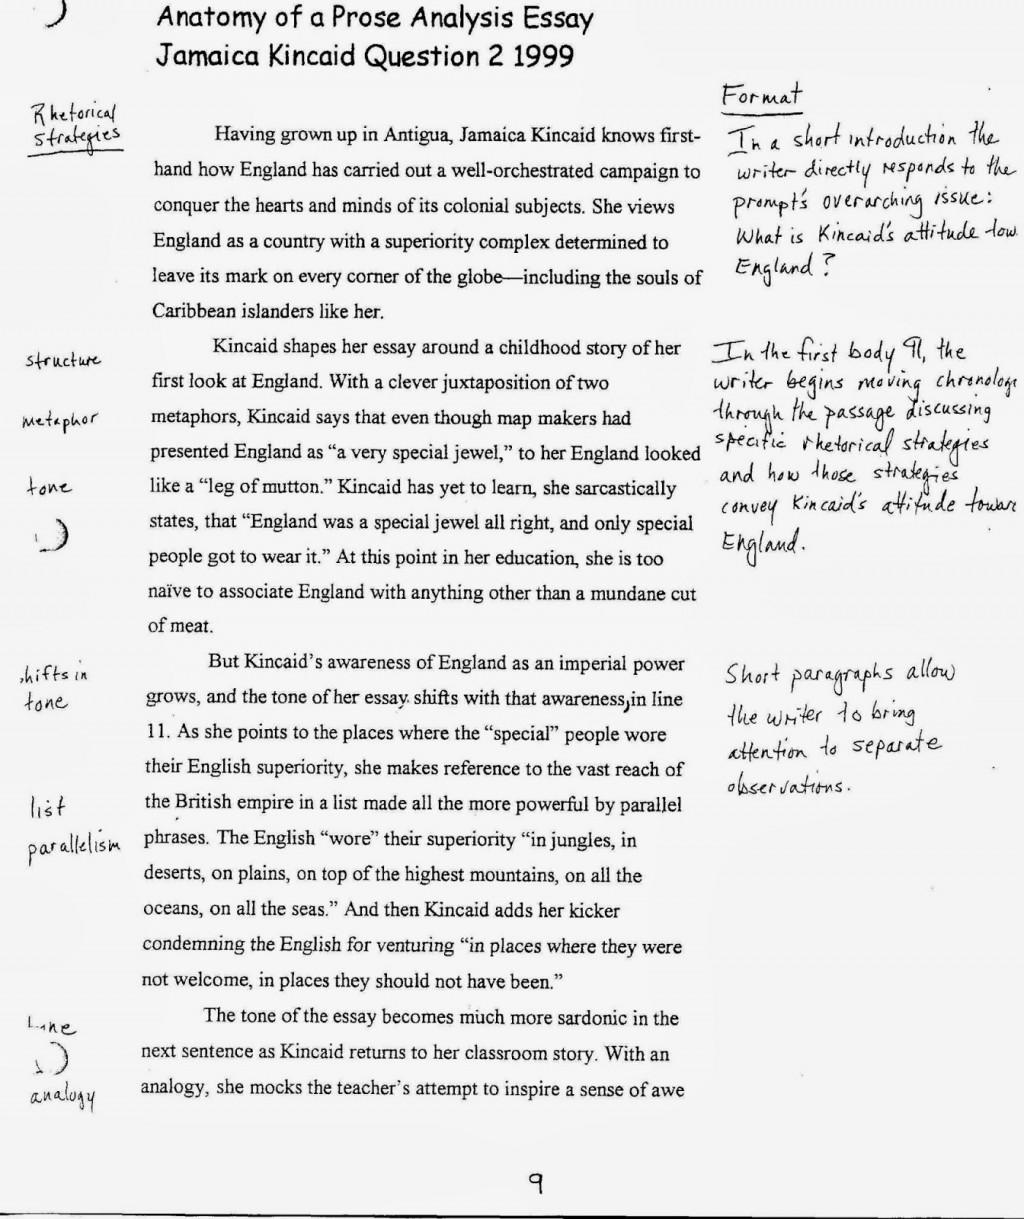 004 Essay Example Rhetorical Examples Of Analysis Essays Goal Blockety Co Using Ethos Pathos And Logo Logos Impressive Ap Lang 2016 Devices English Large